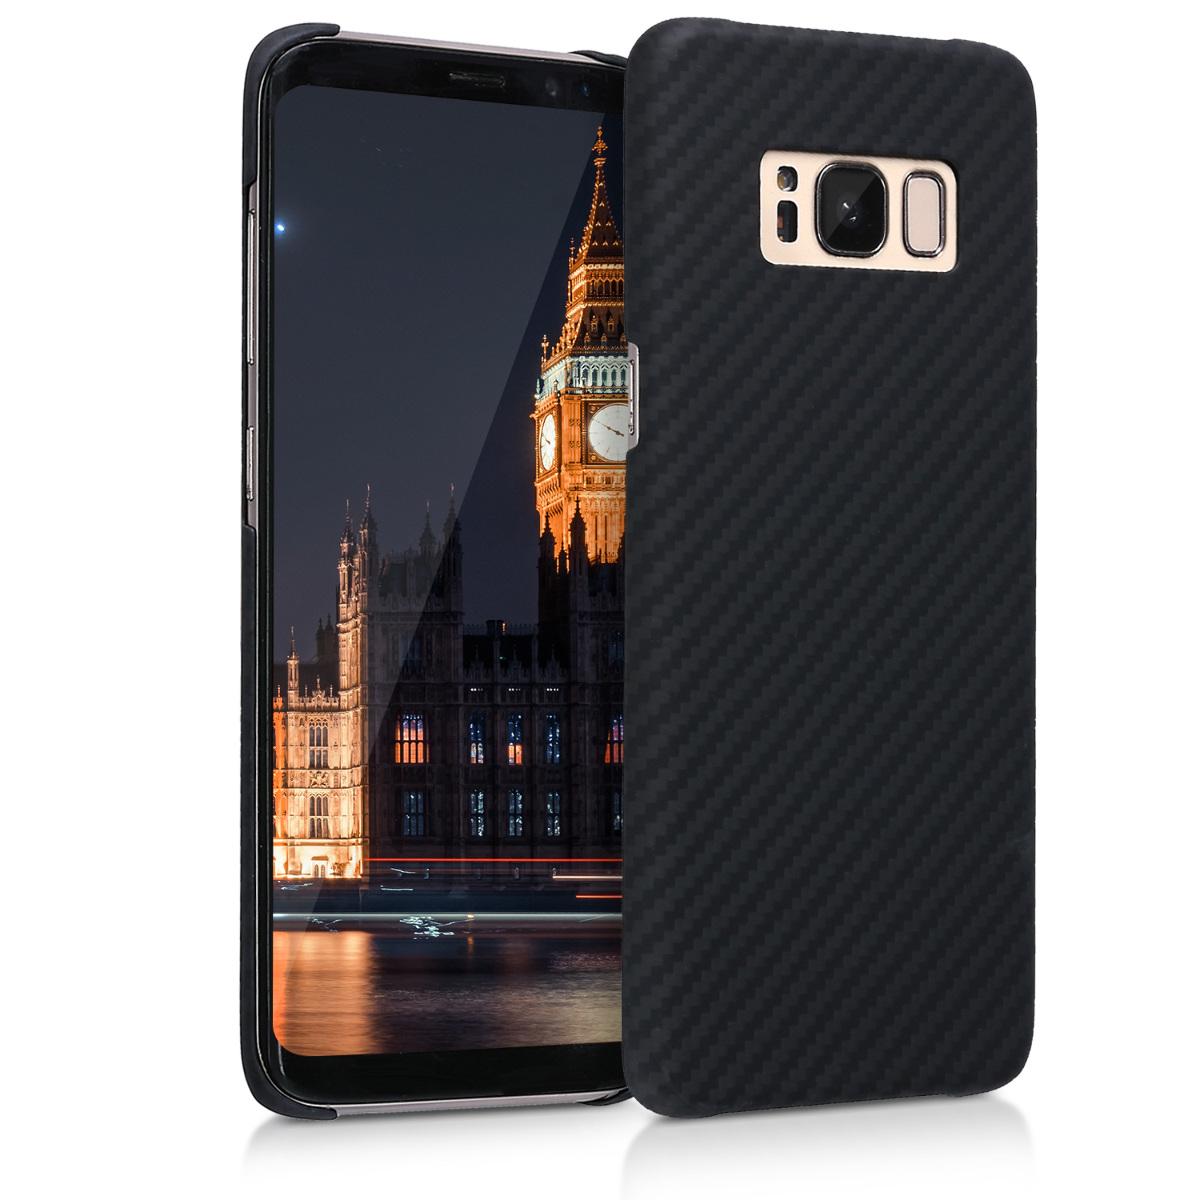 Kalibri Aramid Fiber Body - Σκληρή Θήκη Samsung Galaxy S8 - Black Matte (44988.47)